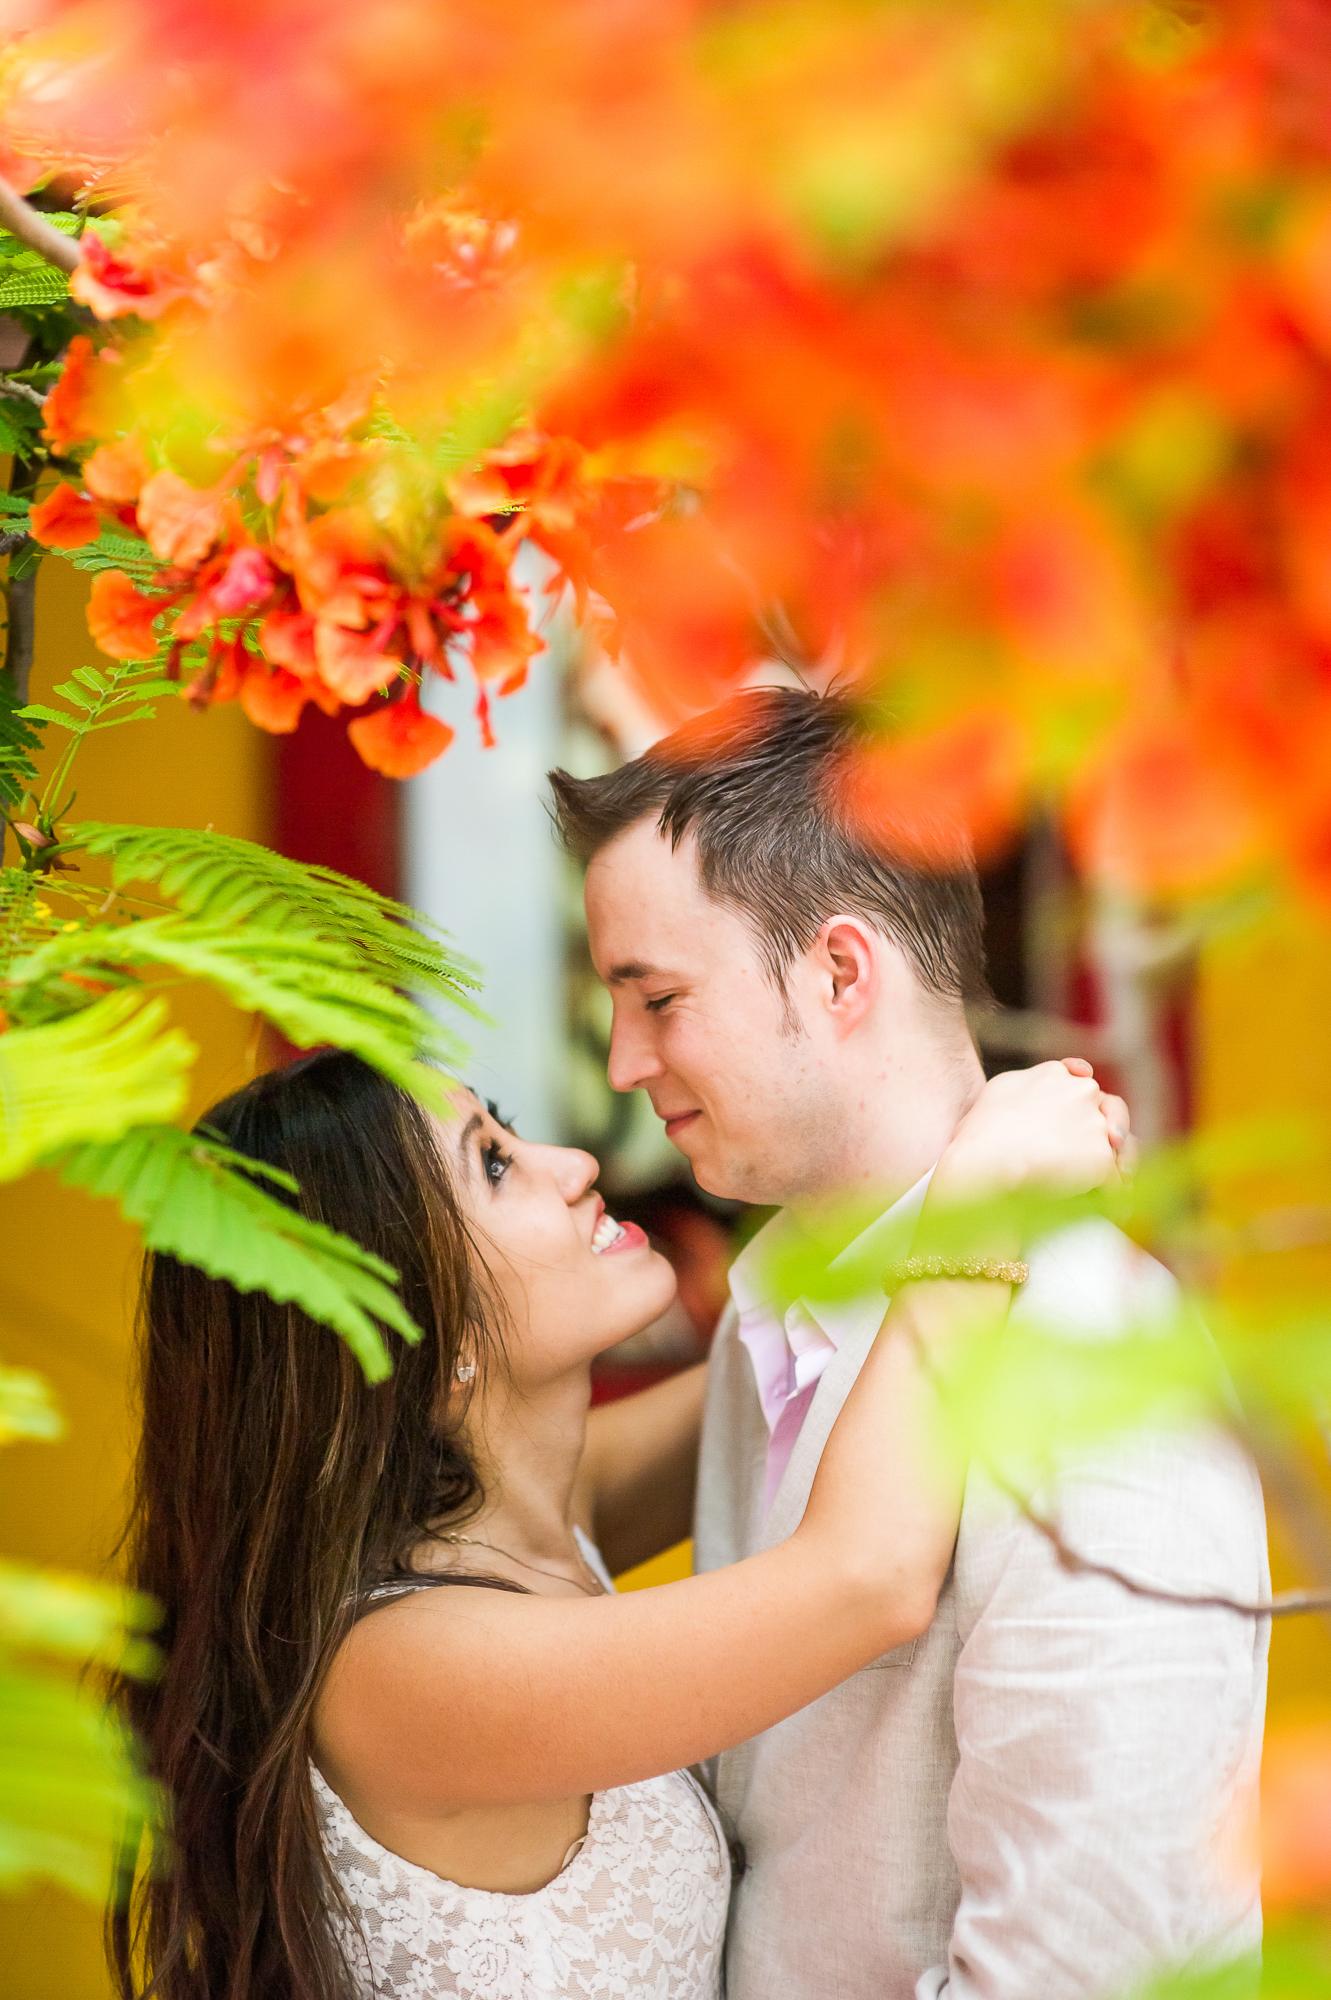 61-David Loi Studios - Cancun Mexico Engagement Session - Destination Engagement Session-14992.jpg